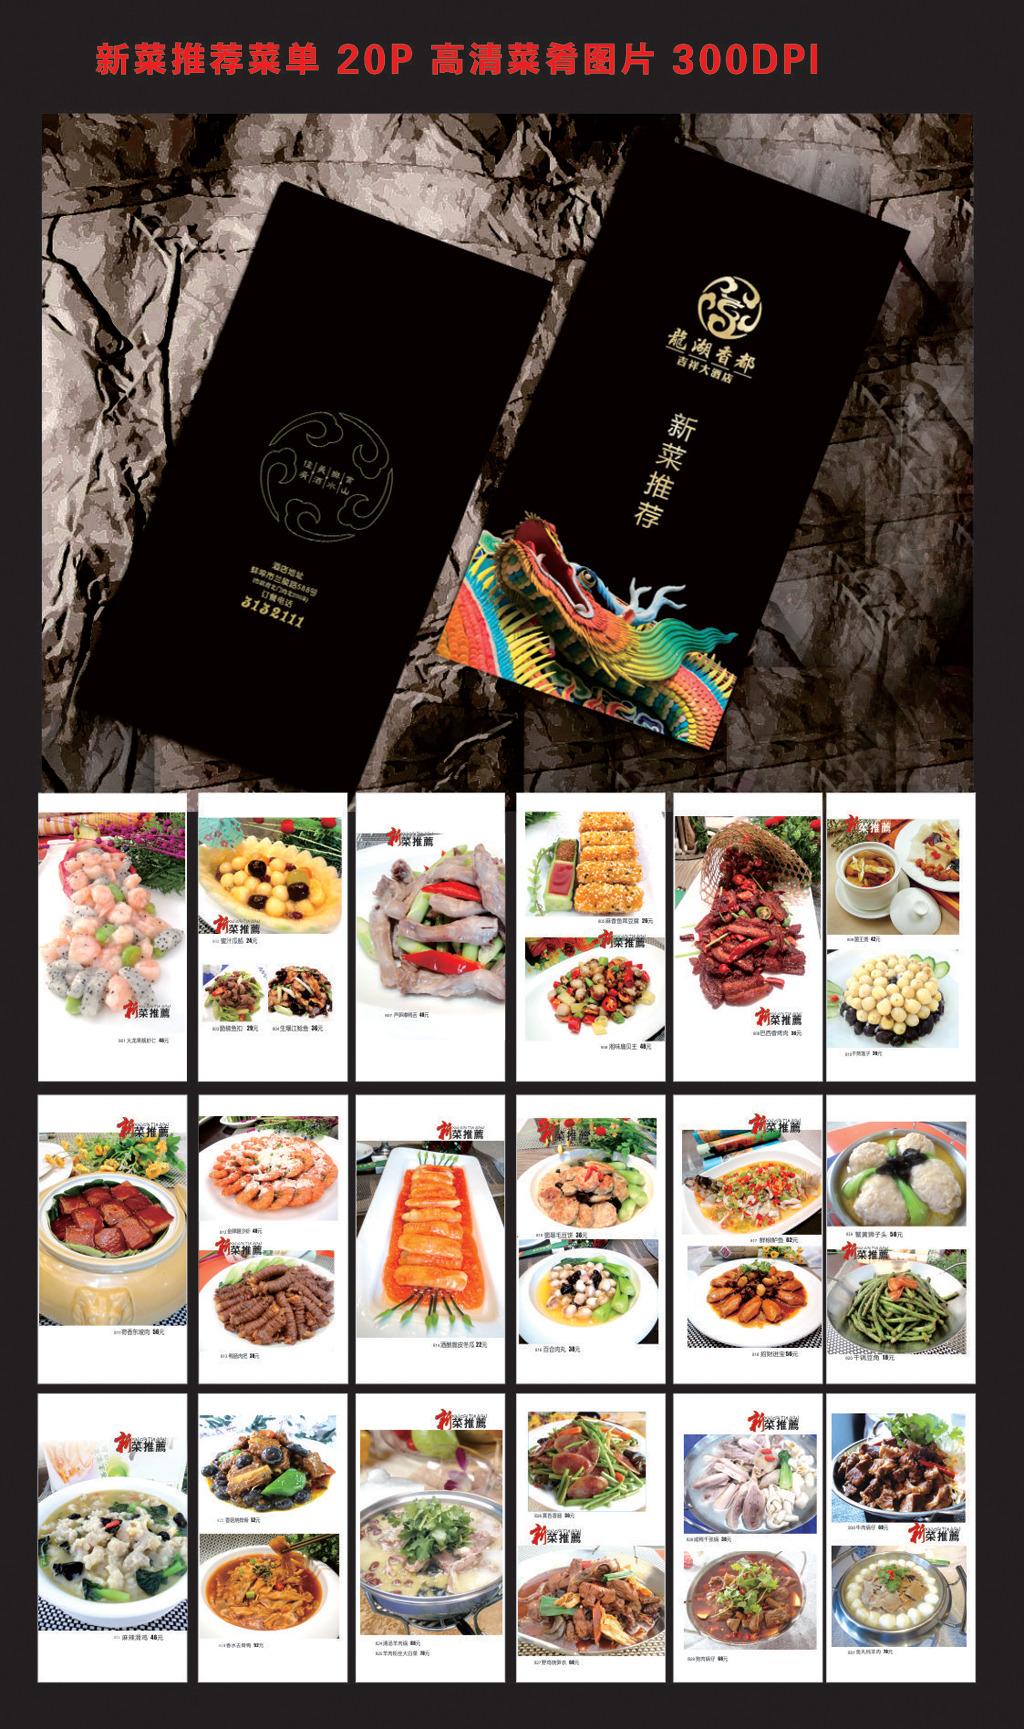 酒店新菜推荐菜单模板下载